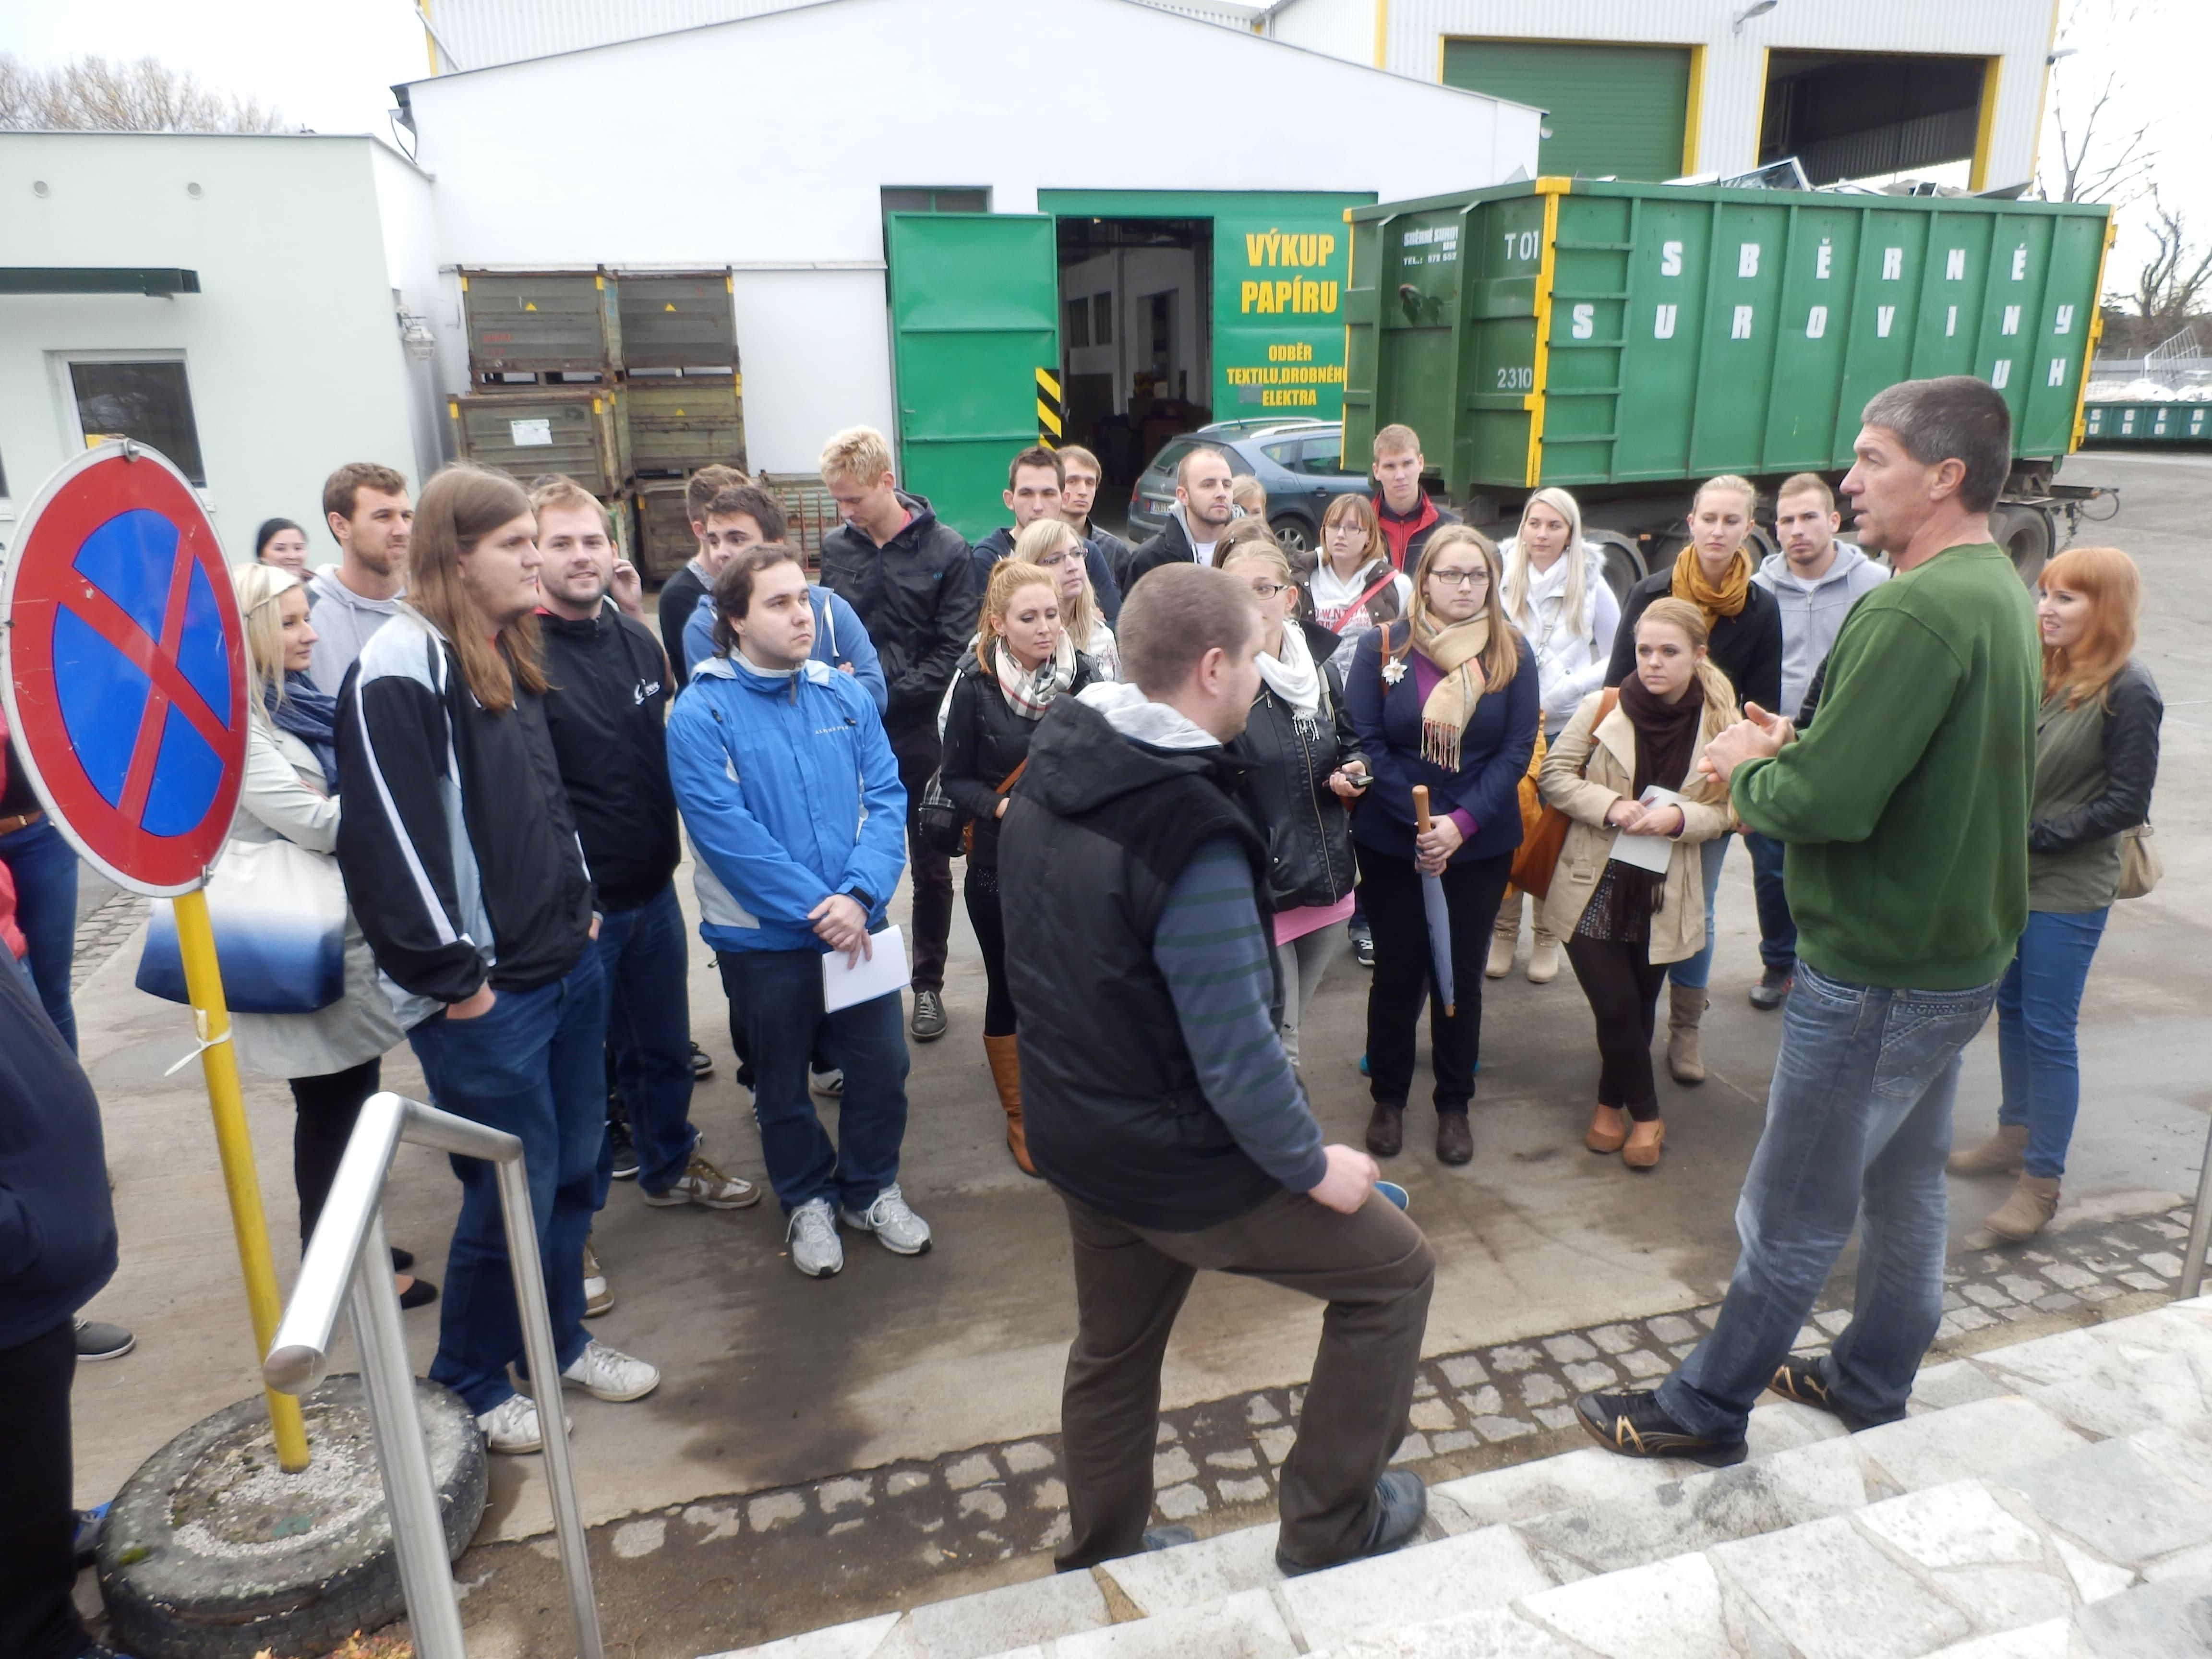 Exkurze studentů Univerzity Tomáše Bati